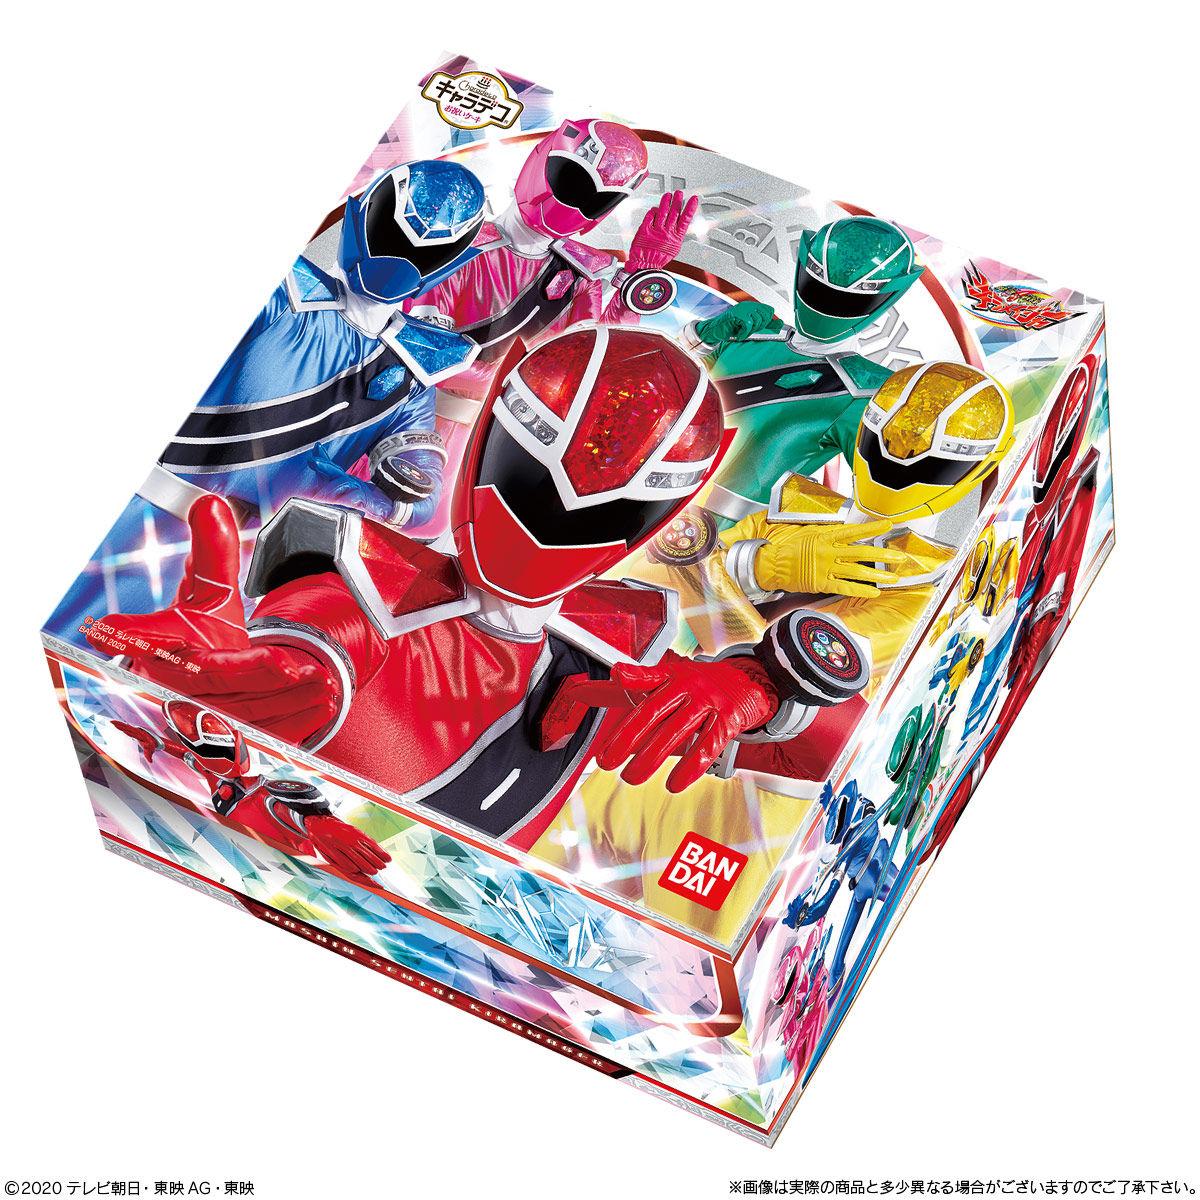 キャラデコお祝いケーキ 魔進戦隊キラメイジャー(チョコクリーム)[5号サイズ]_4